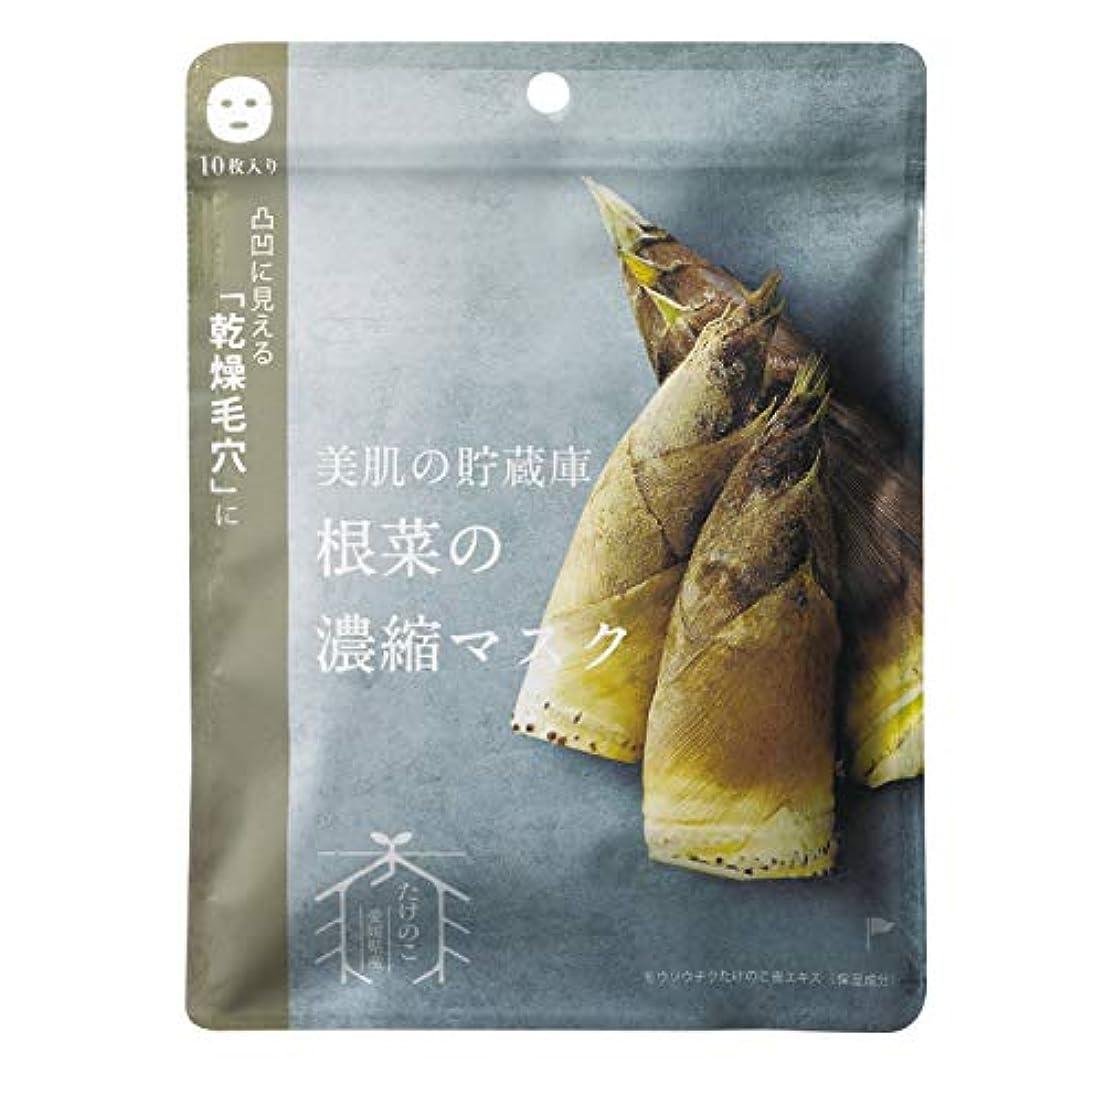 取る小麦バスト@cosme nippon 美肌の貯蔵庫 根菜の濃縮マスク 孟宗竹たけのこ 10枚 160ml